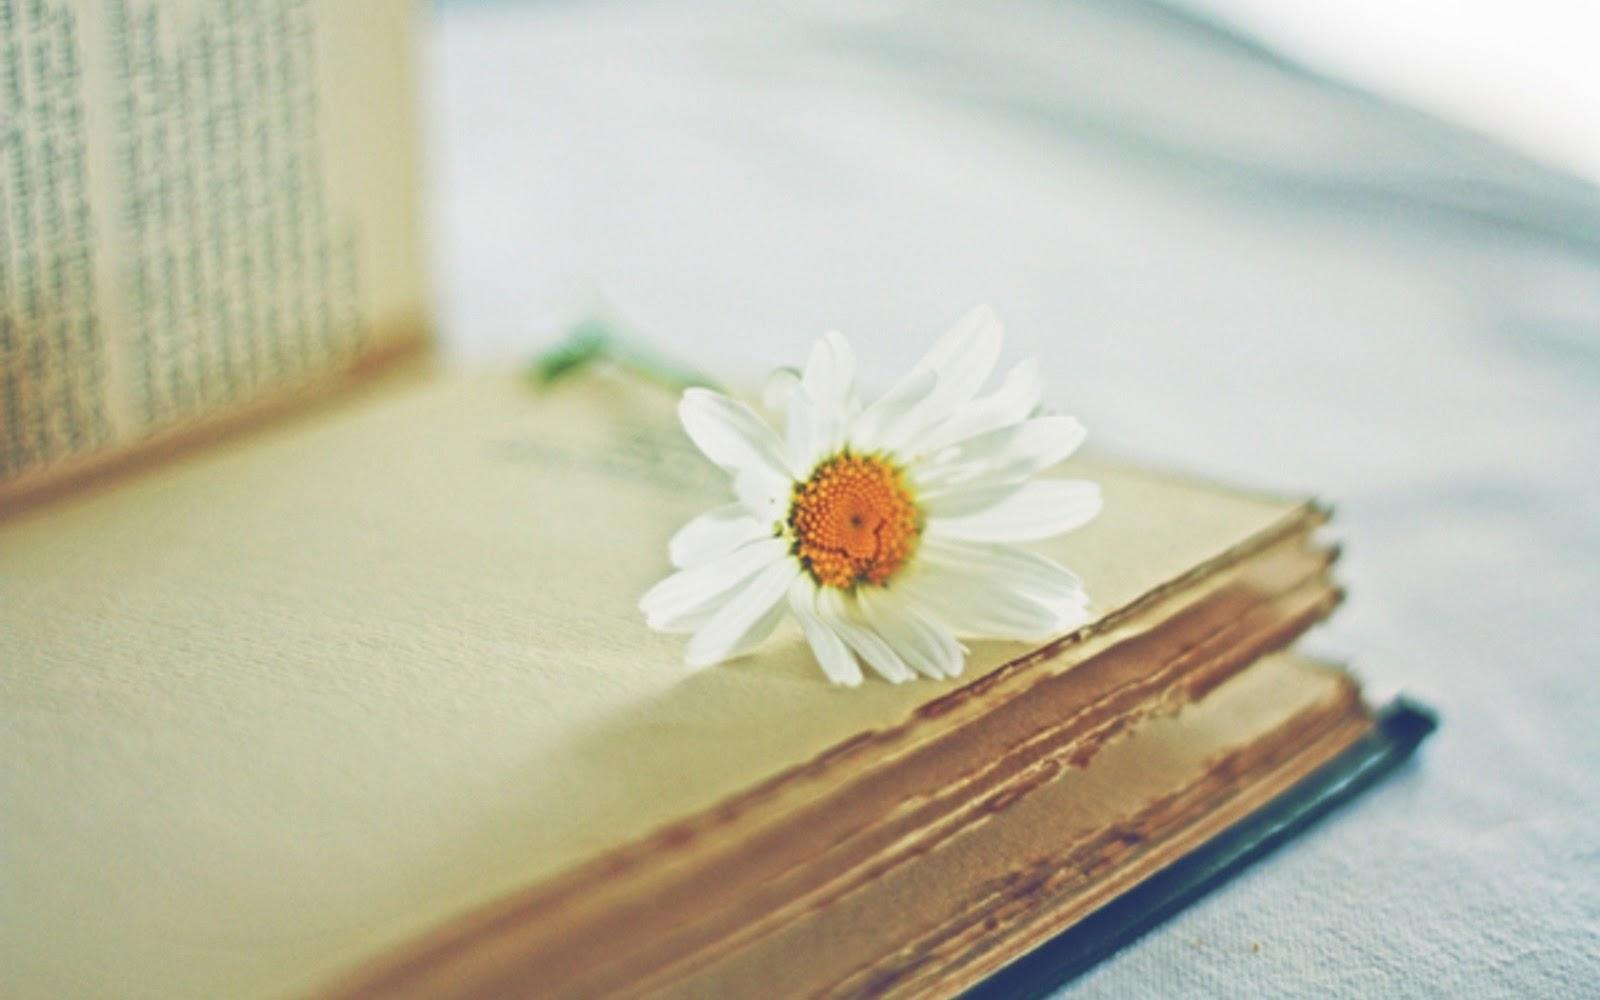 أجمل خلفيات زهور, خلفيات زهور, Wallpapers of Flowers,Wallpapers , Beautiful Flowers Wallpapers, Flowers Wallpapers, خلفيات